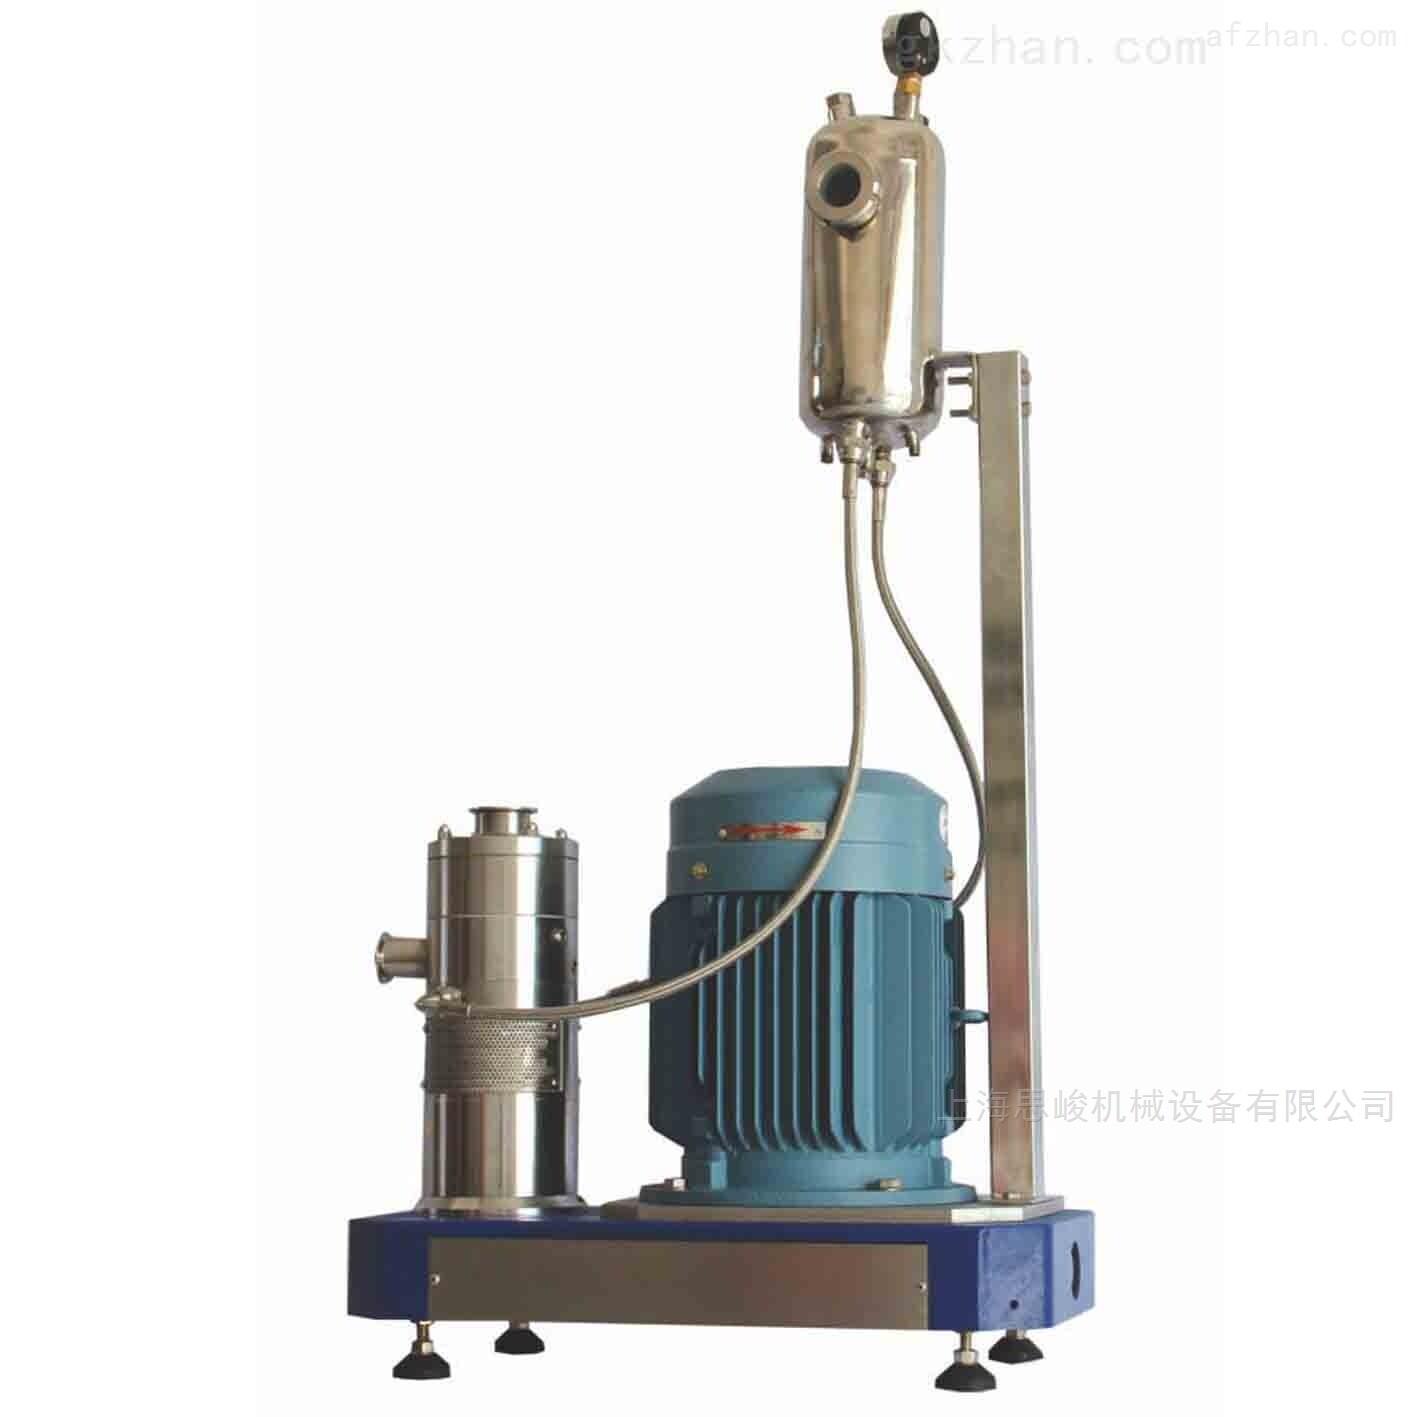 锂基陶瓷微球纳米乳化机